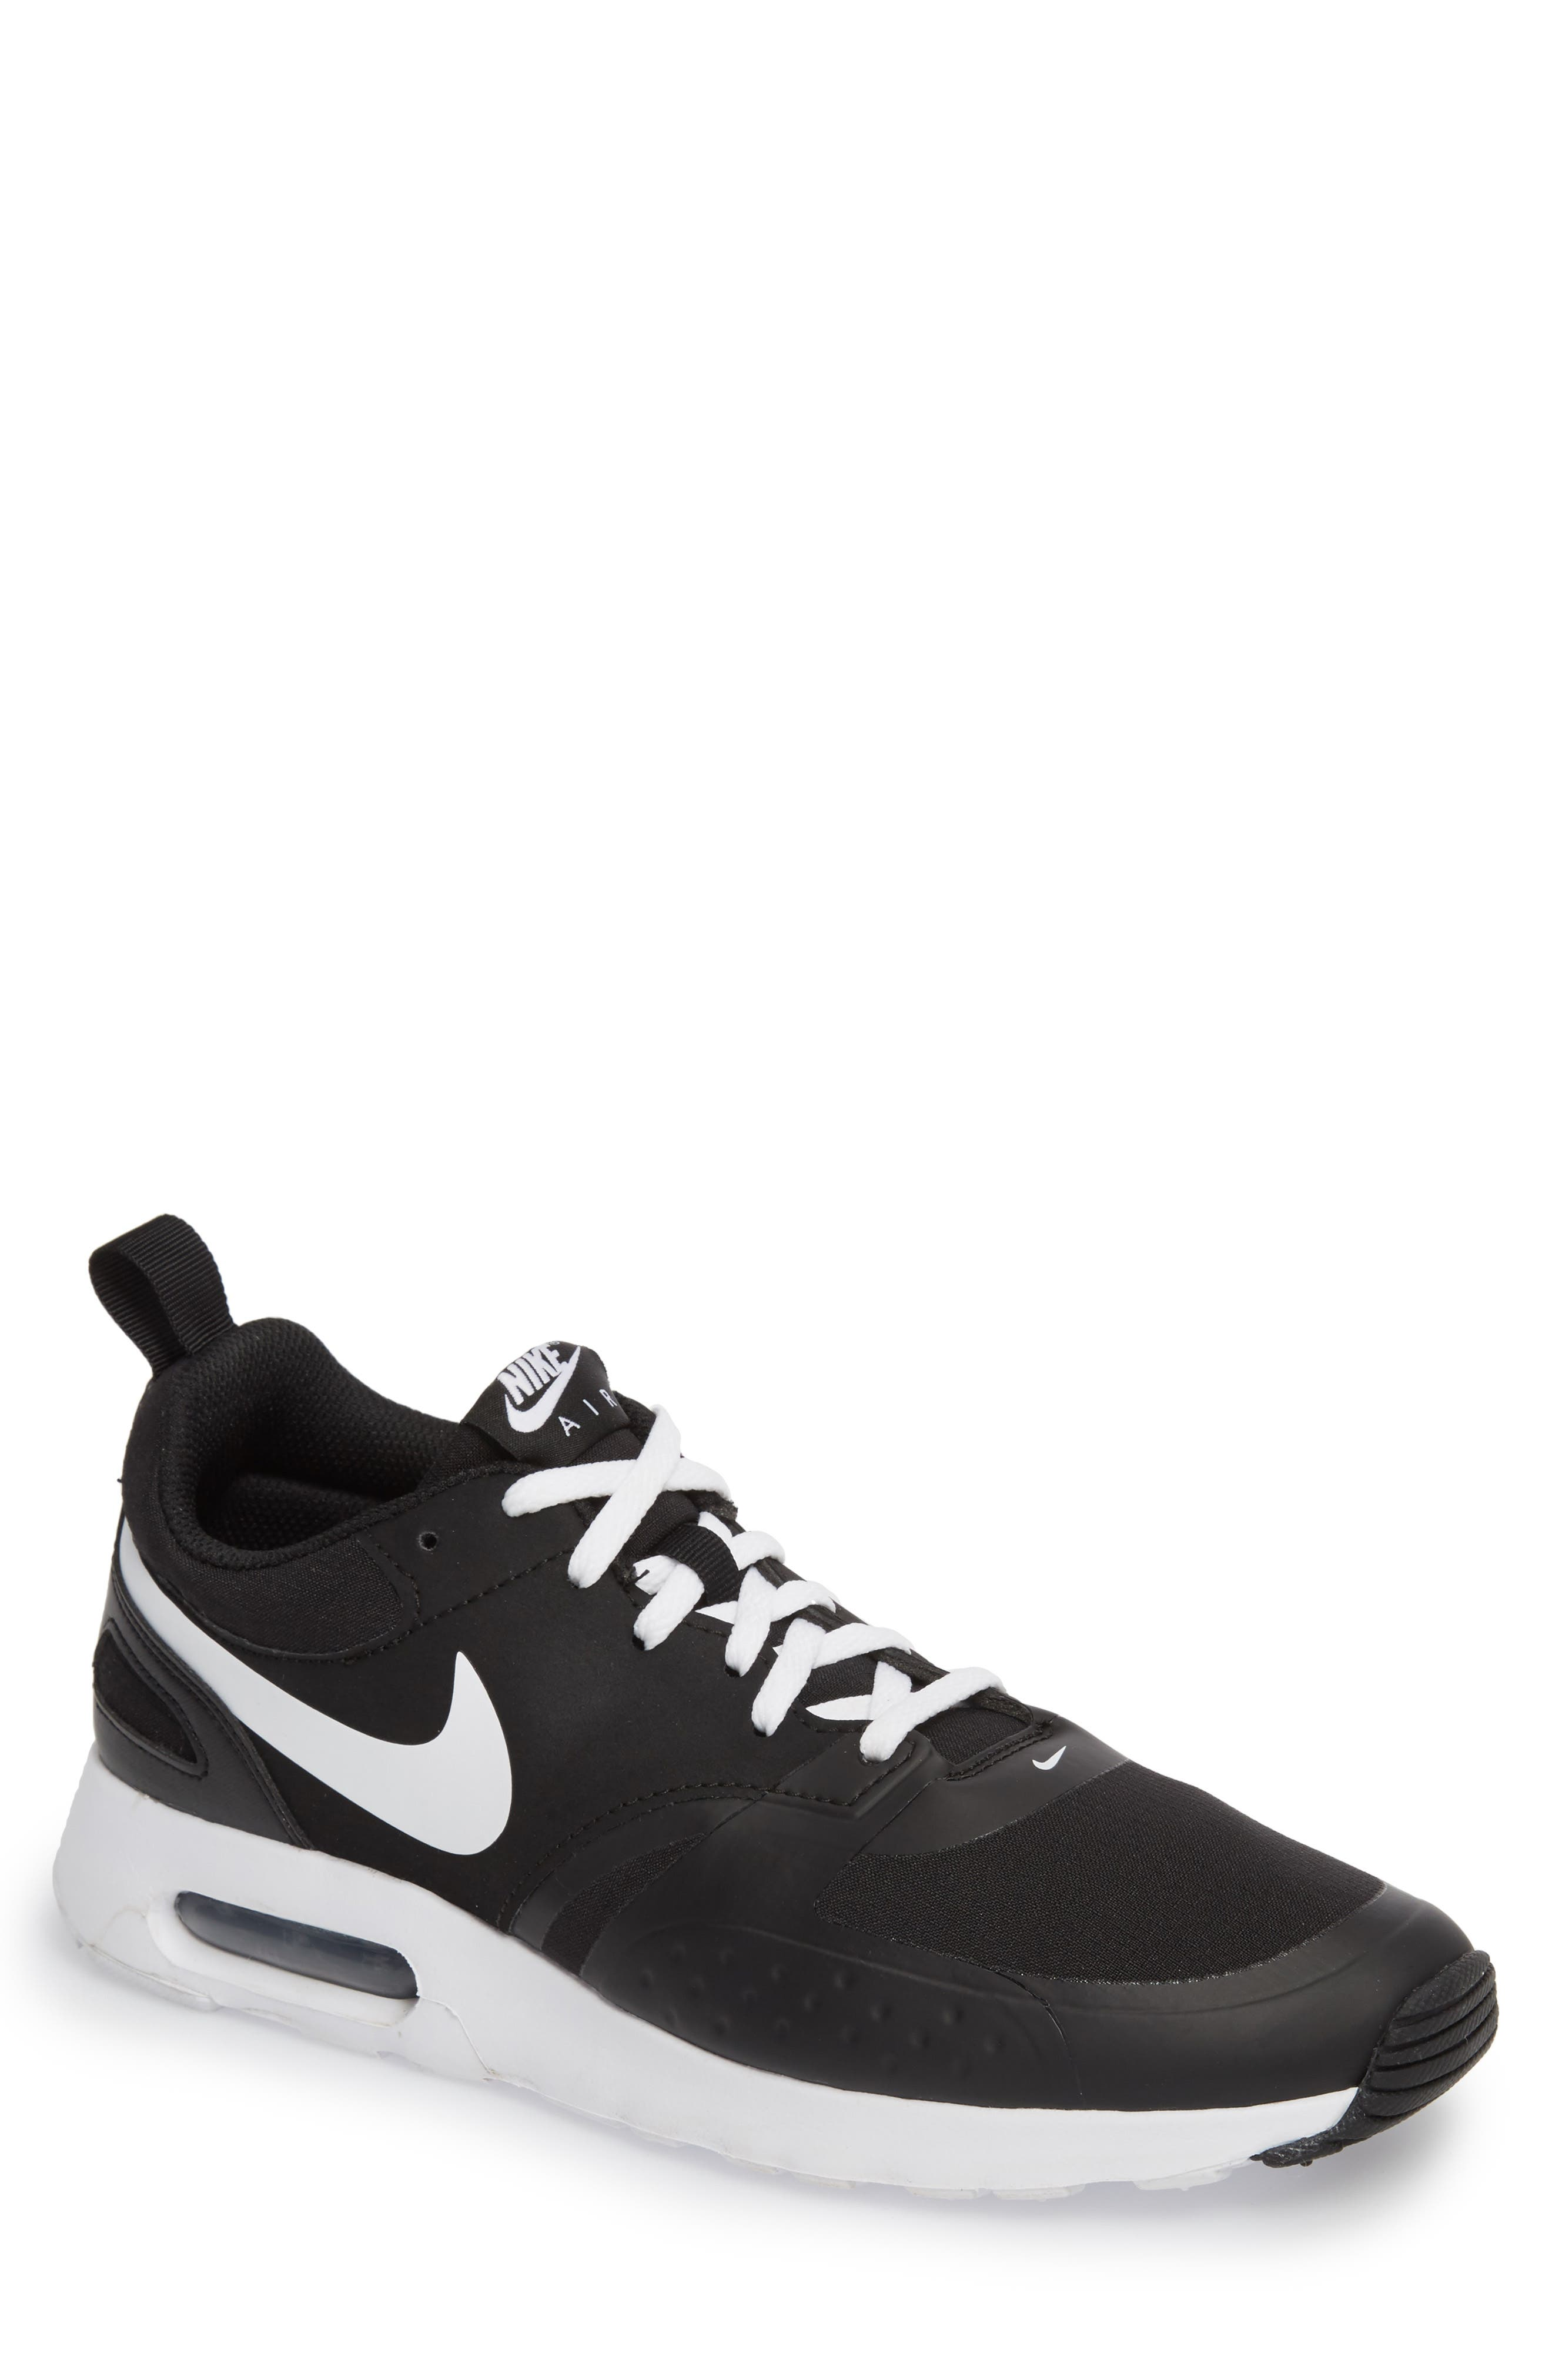 Air Max Vision Sneaker,                             Main thumbnail 1, color,                             007